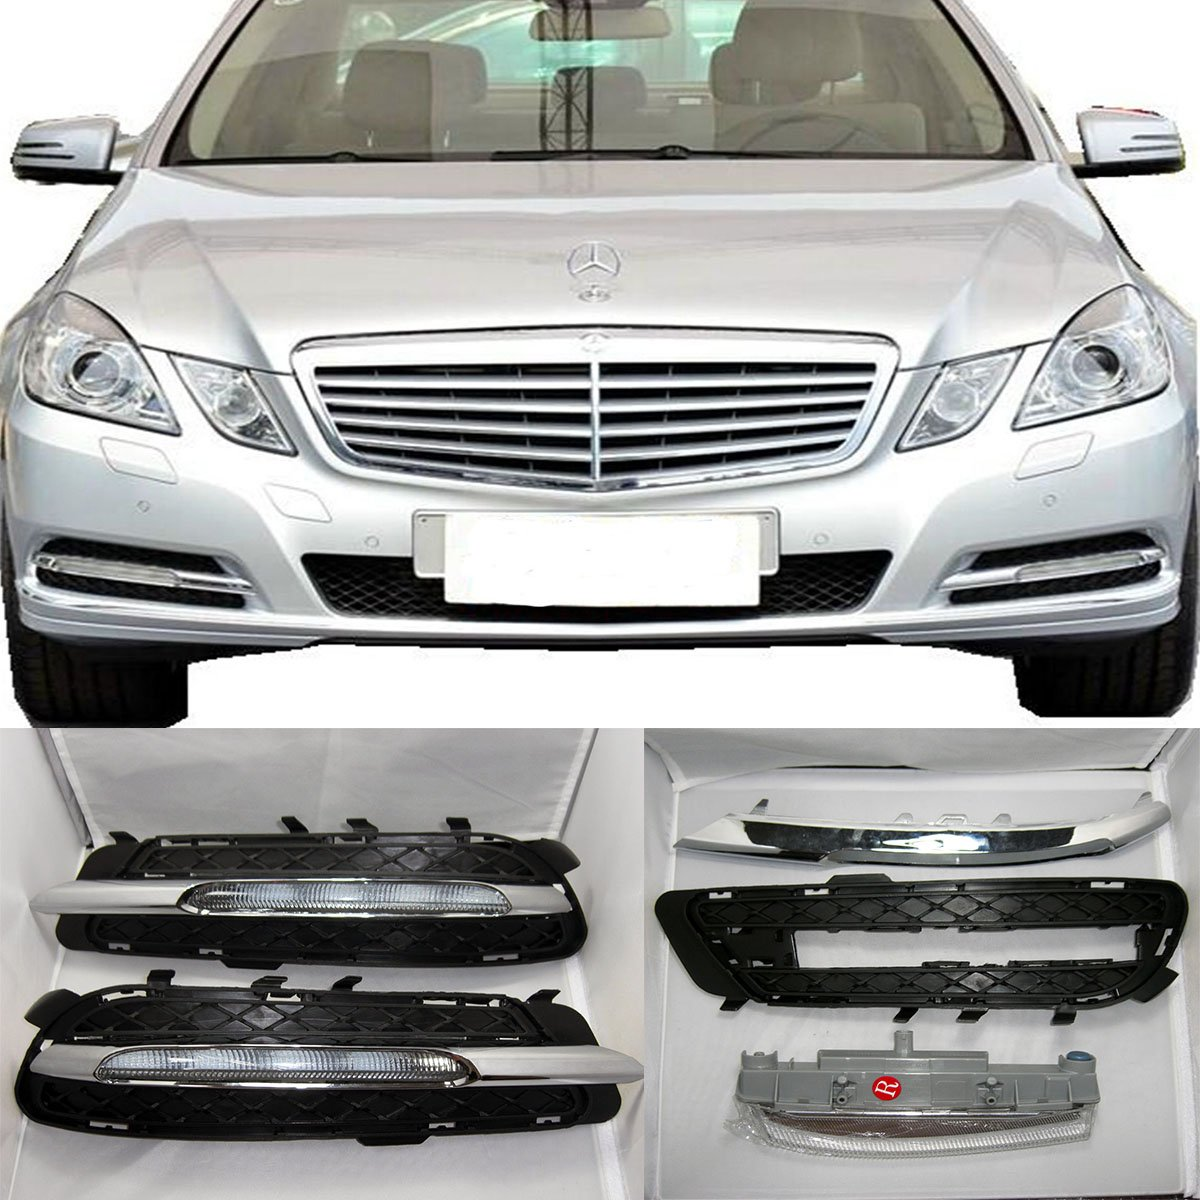 CNAutoLicht 2X LED Daytime Running Lights DRL Fog Lamp For Mercedes Benz W212 E200 E220 E250 E300 E350 E400 E500 2009-2013